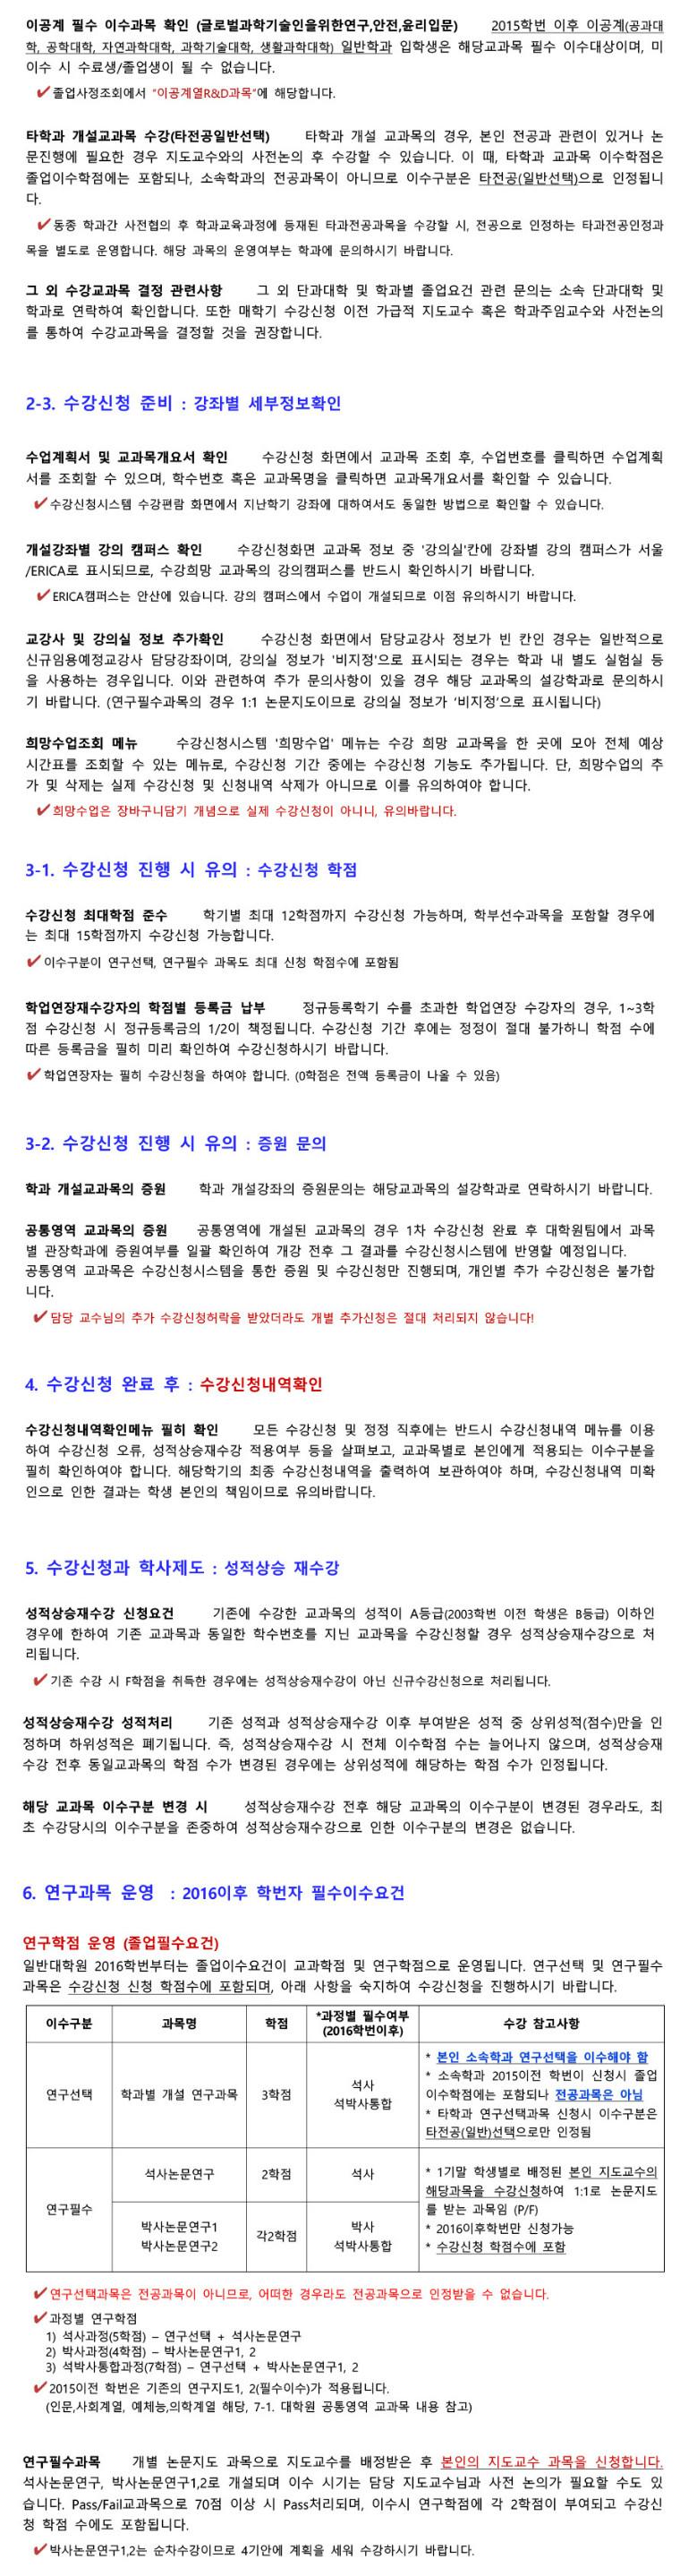 2019-1 수강신청안내문-2.jpg